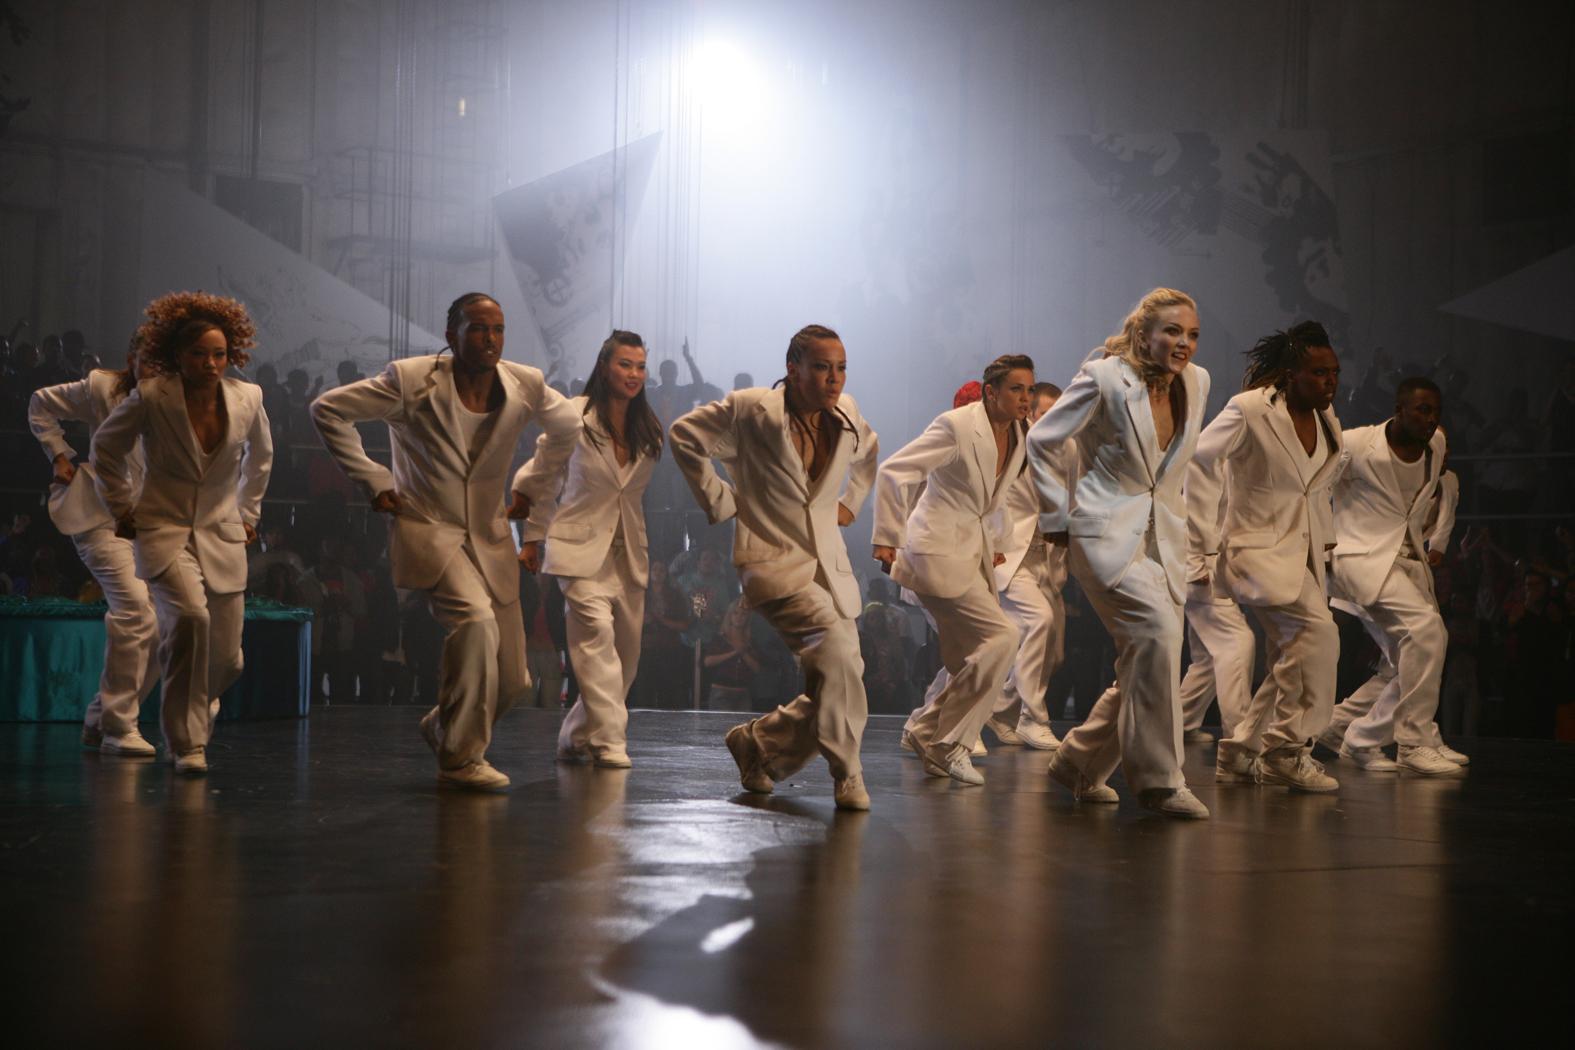 舞力对决mp_海上电影《舞力对决》剧照28